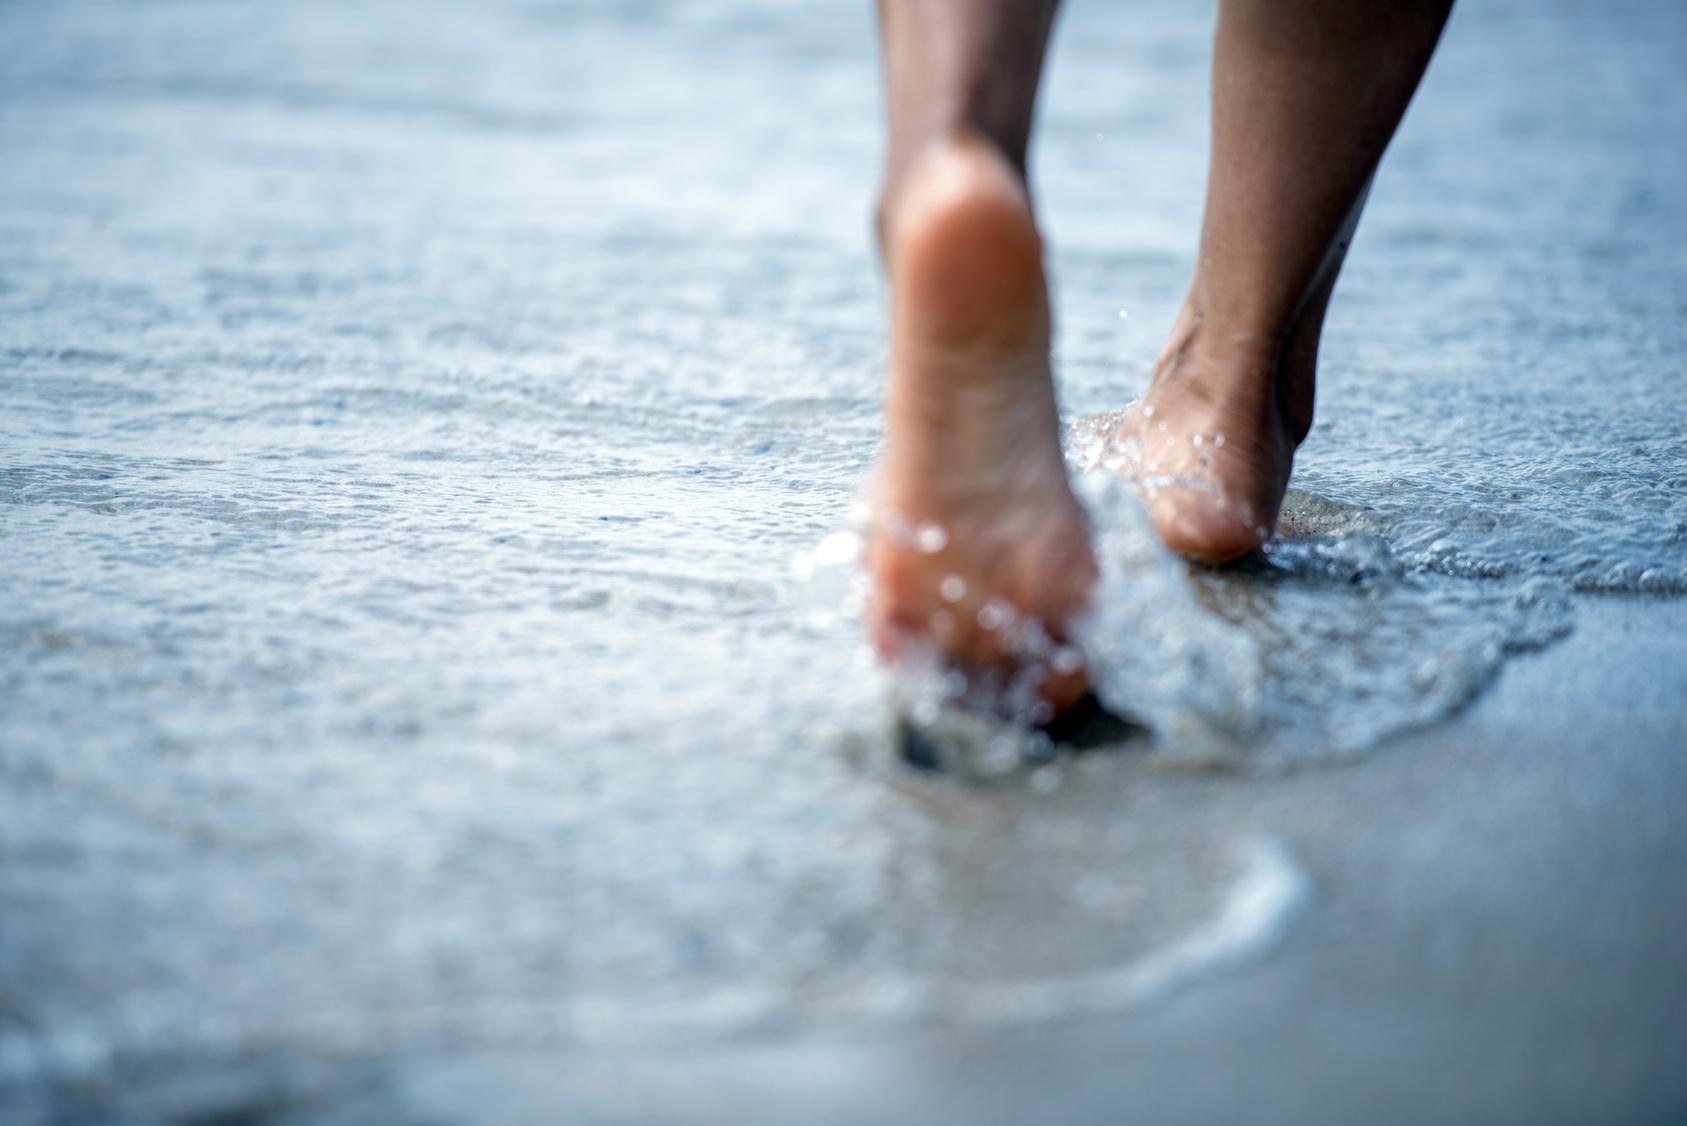 Aprende c mo mantener tus pies suaves y evitar las durezas - Como mantener los pies calentitos ...